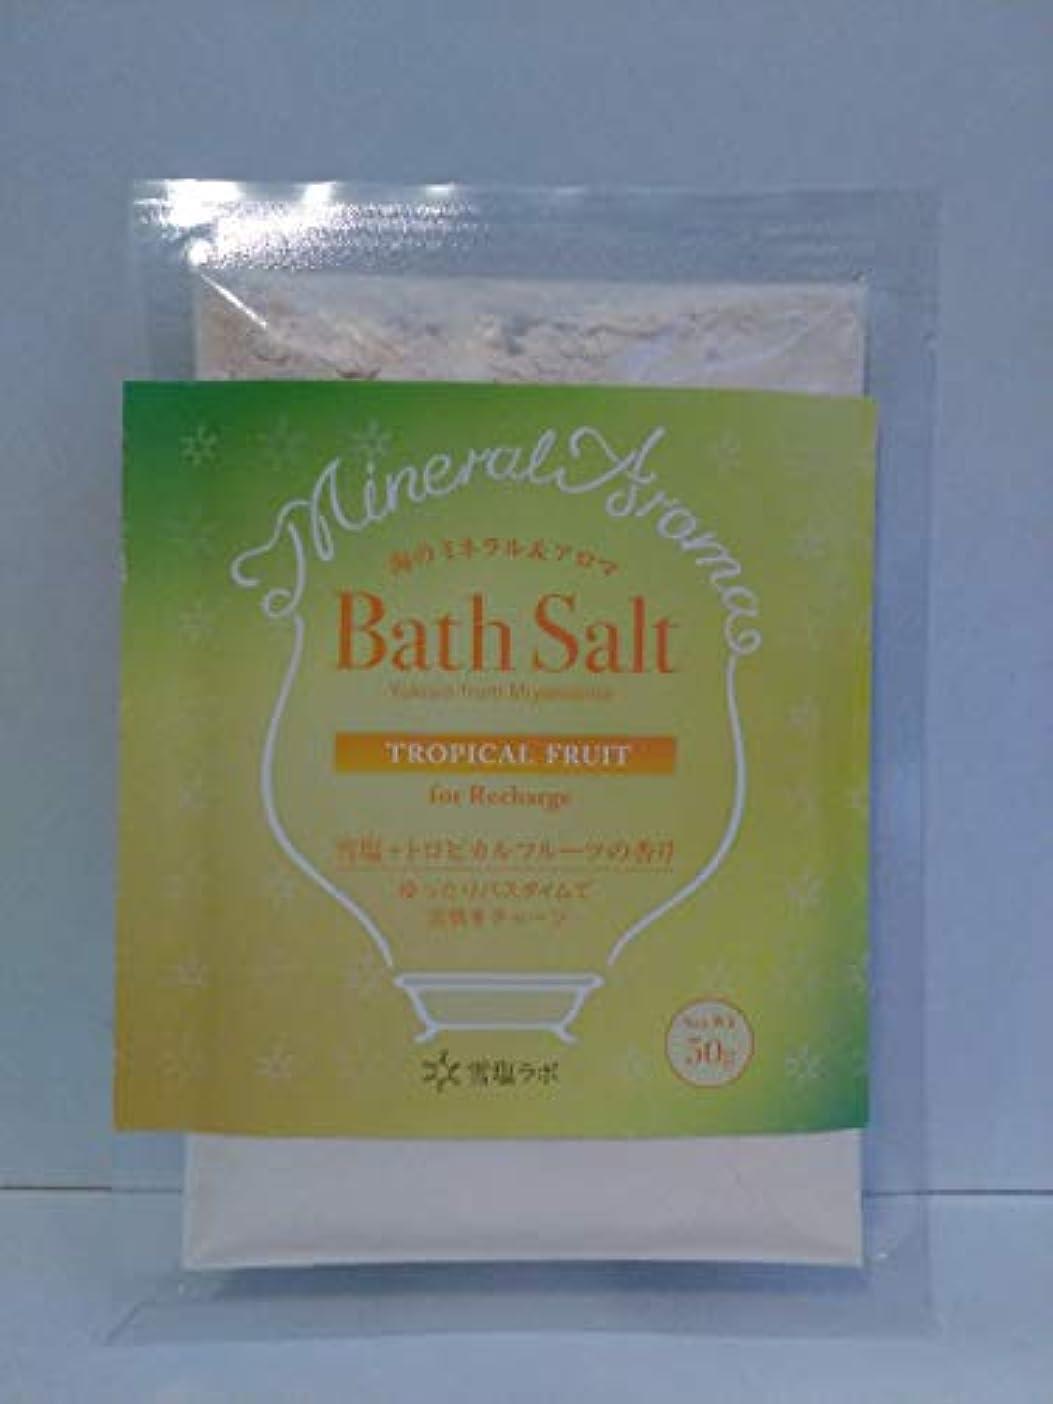 宿泊スーツ不安定な海のミネラル&アロマ Bath Salt 雪塩+トロピカルフルーツの香り